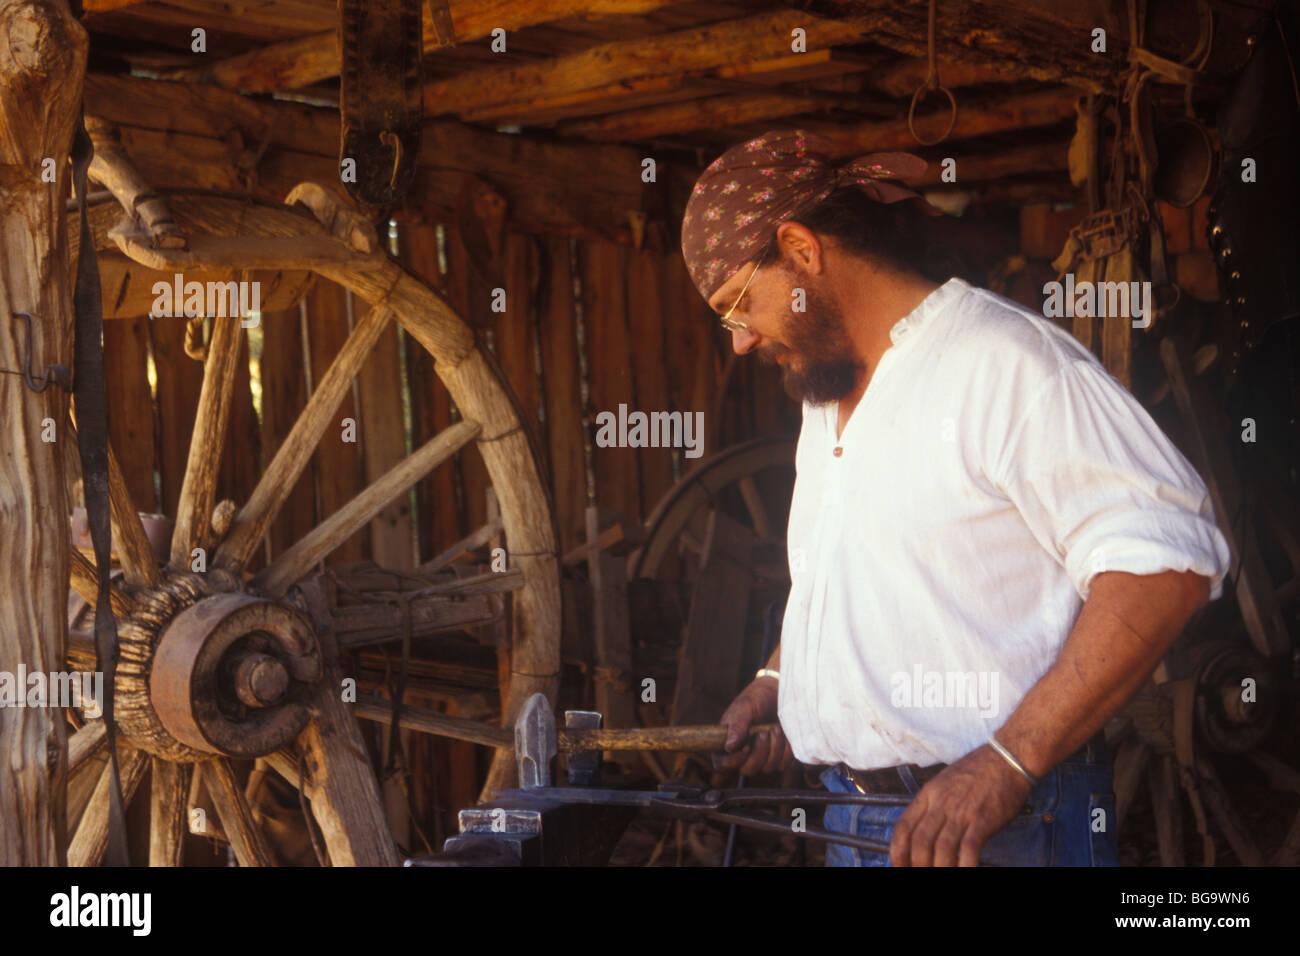 wheelwright shop, El Rancho De Las Golondrinas, Santa Fe, New Mexico - Stock Image